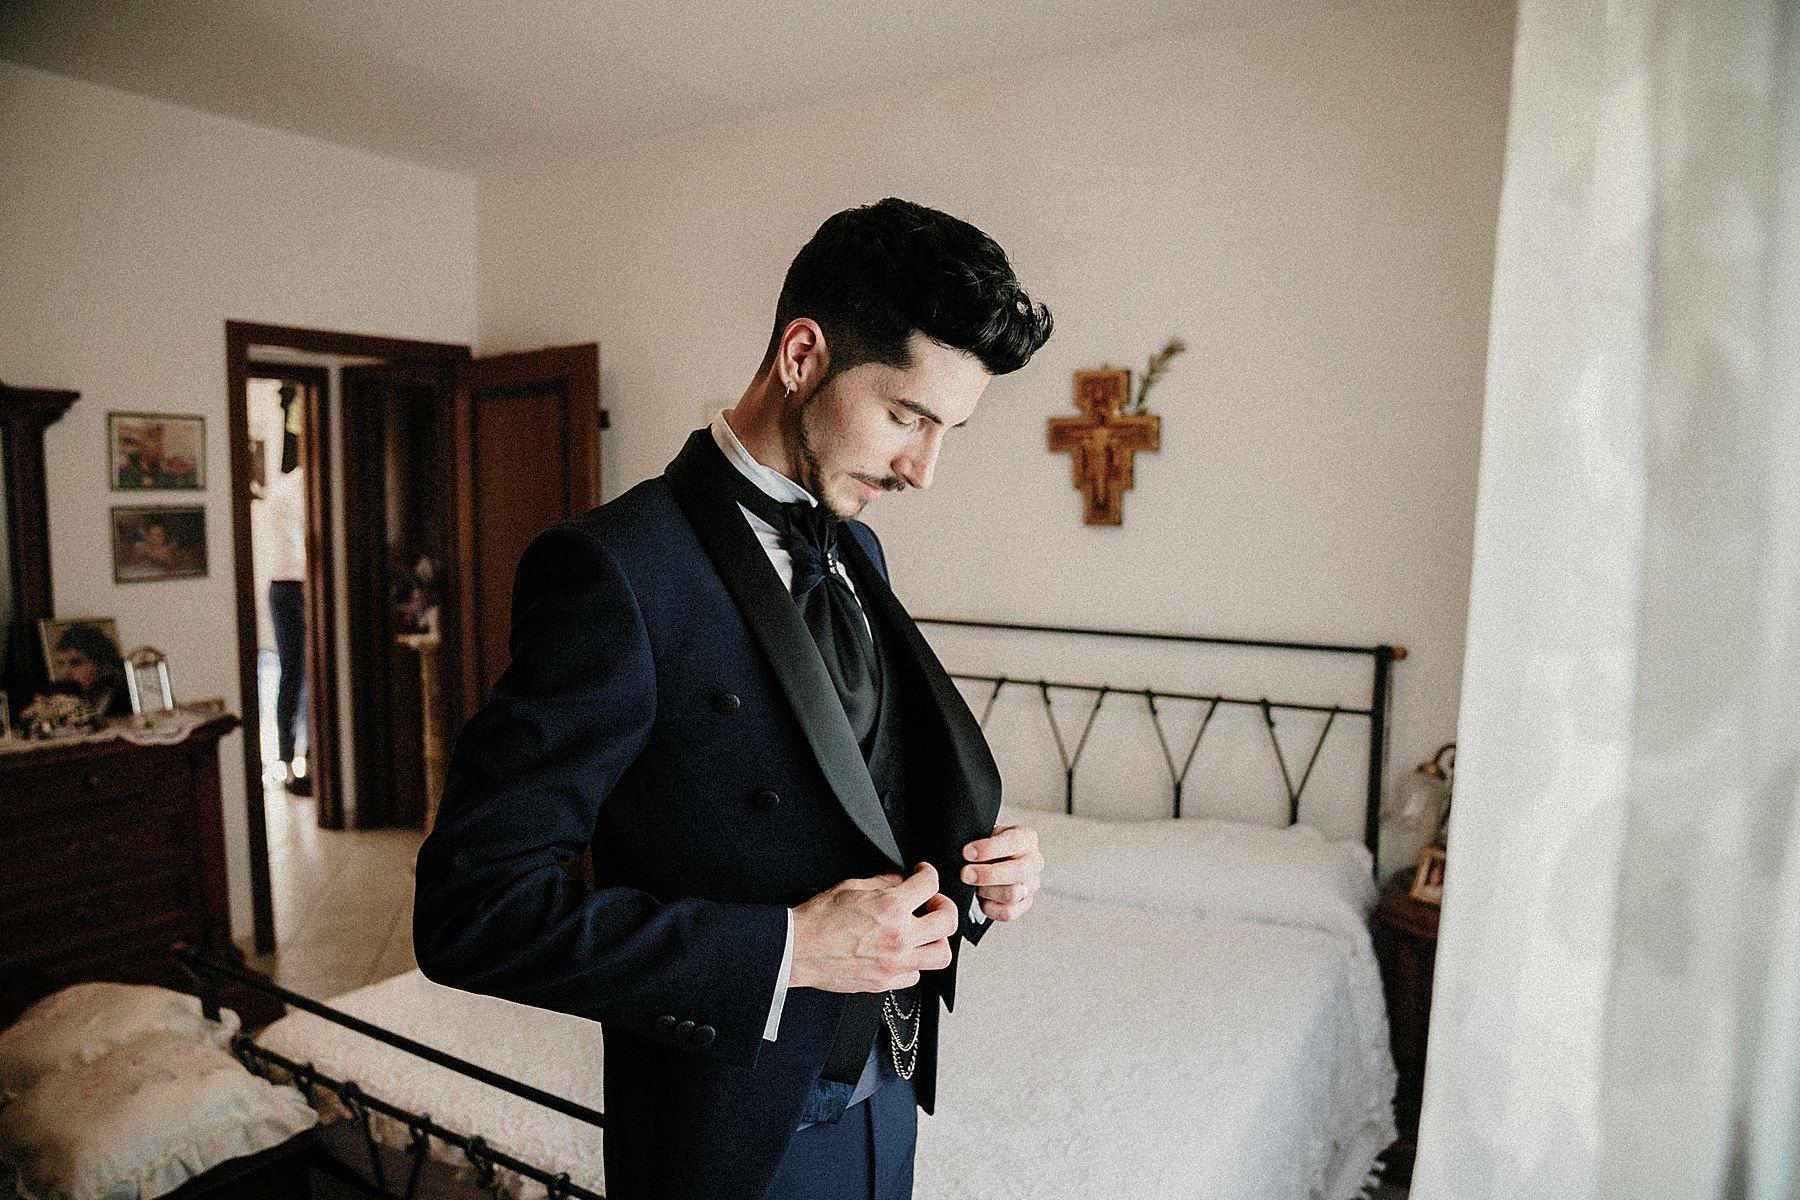 matrimonio tenuta bichi borghesi monteriggioni 3022